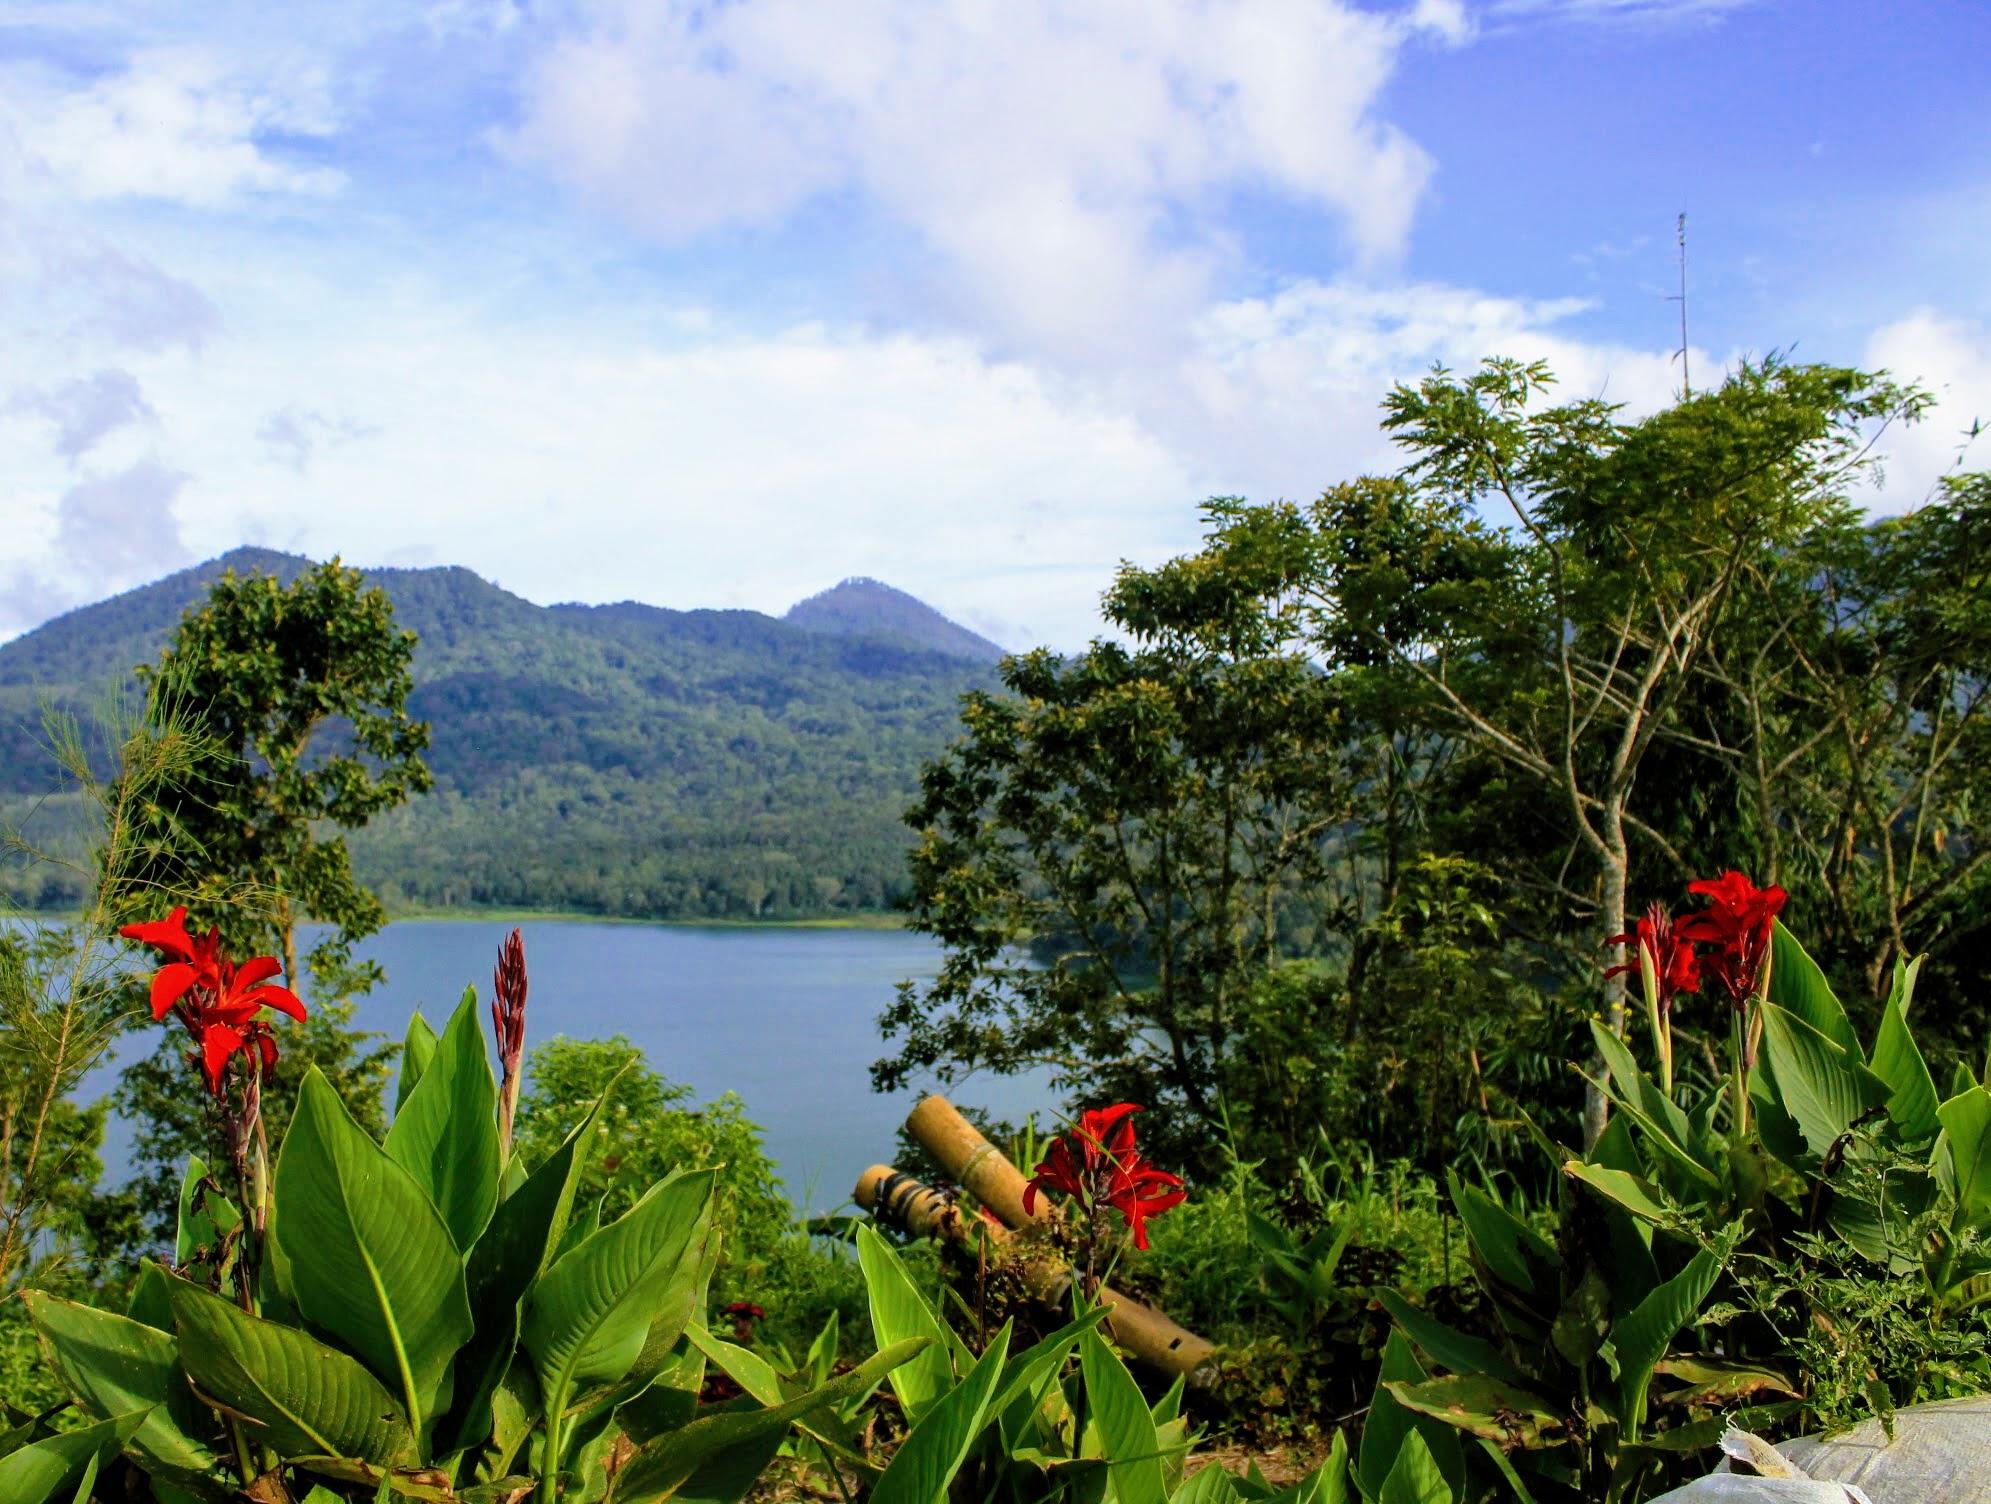 Lake Tamblingan Bali Indonesia